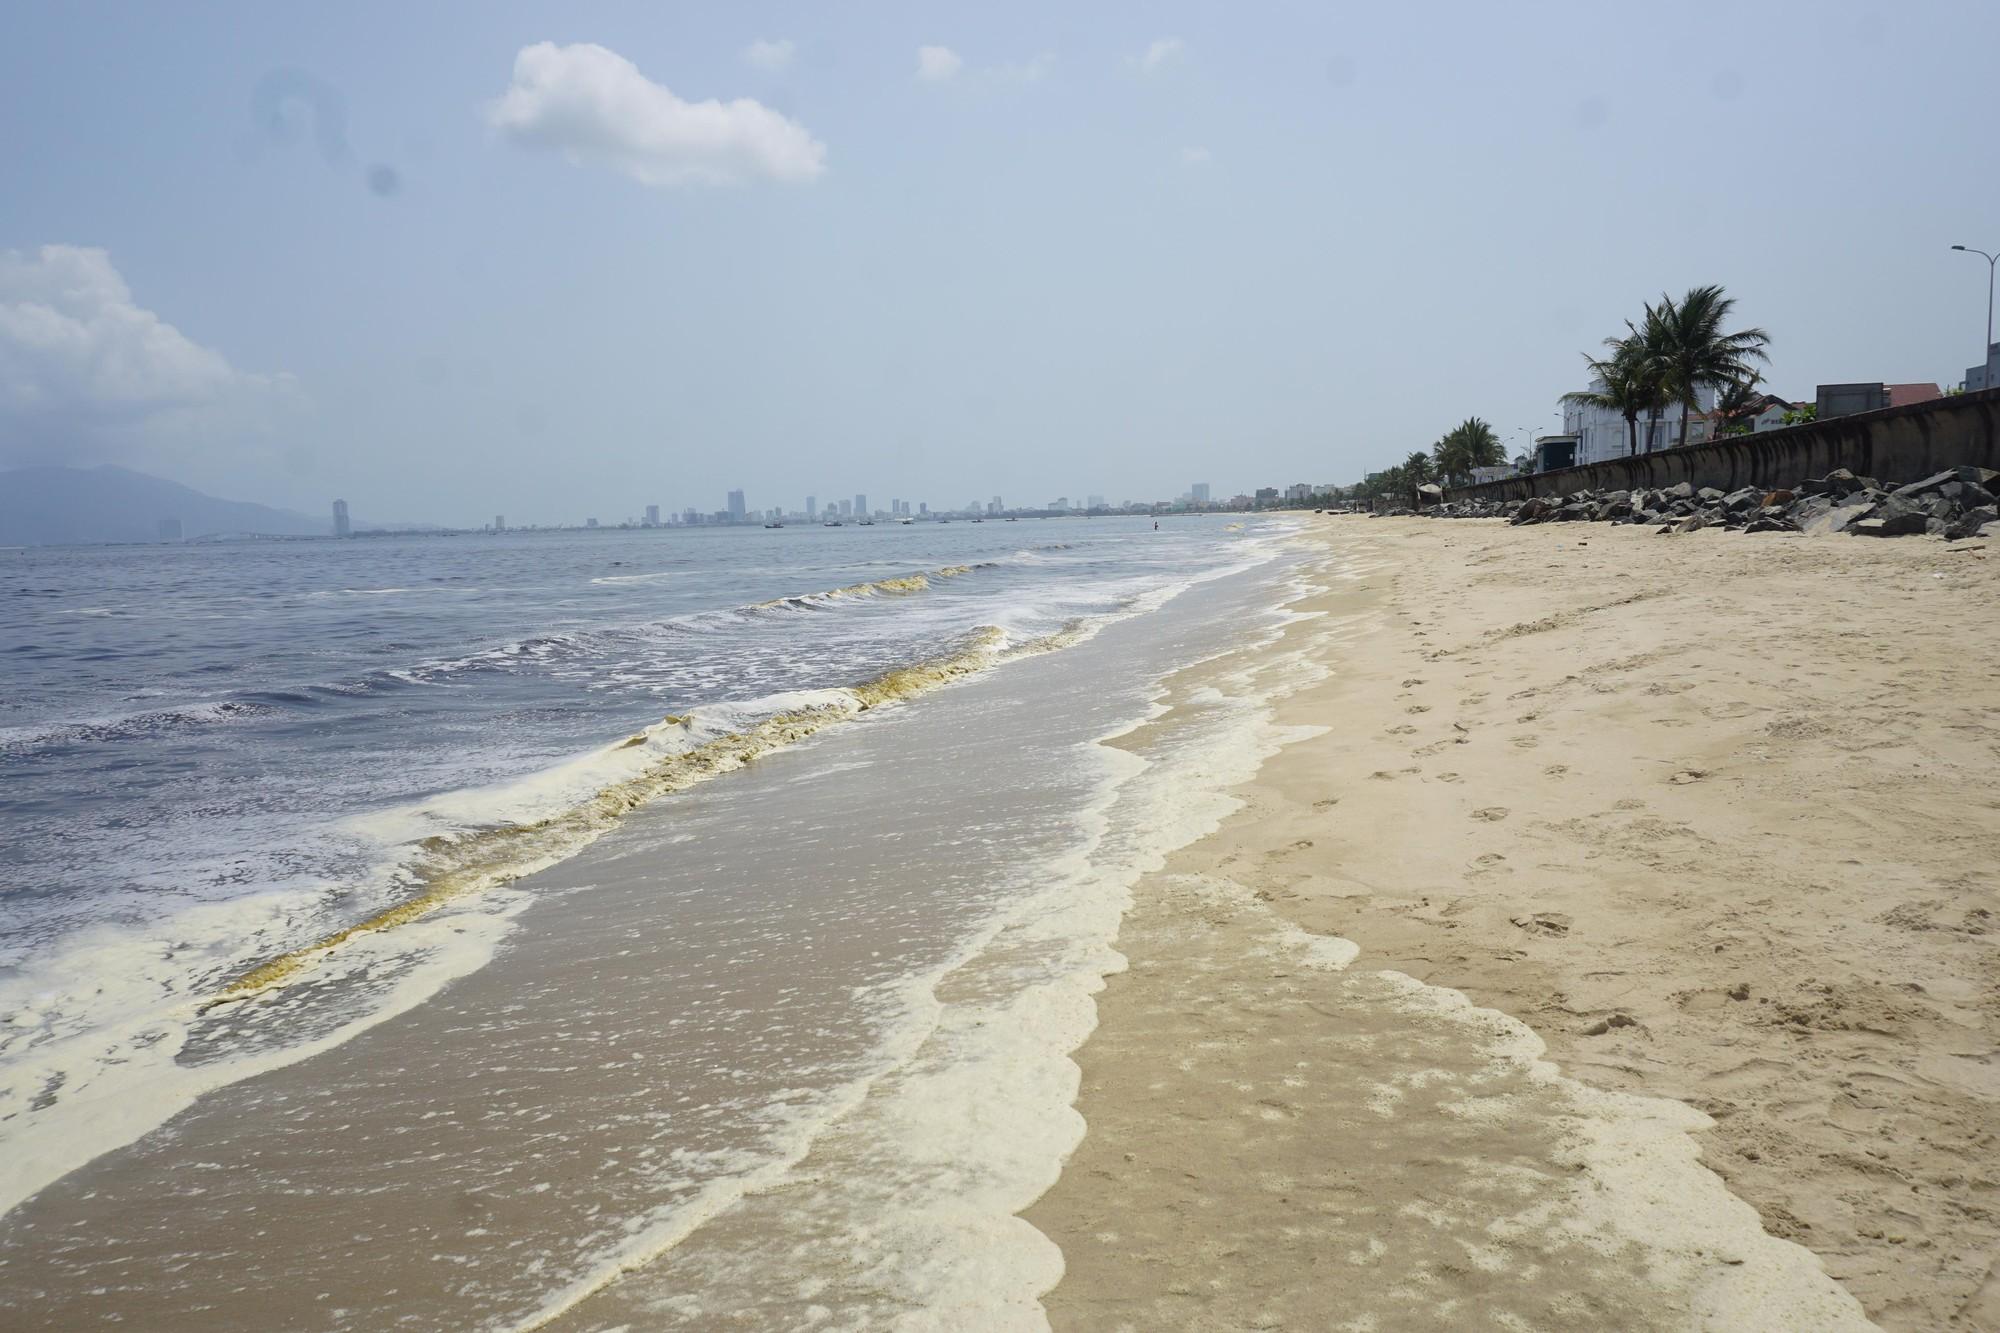 Hơn 5 km bờ biển ở Đà Nẵng đổi màu lạ khiến người dân không dám xuống tắm - Ảnh 2.